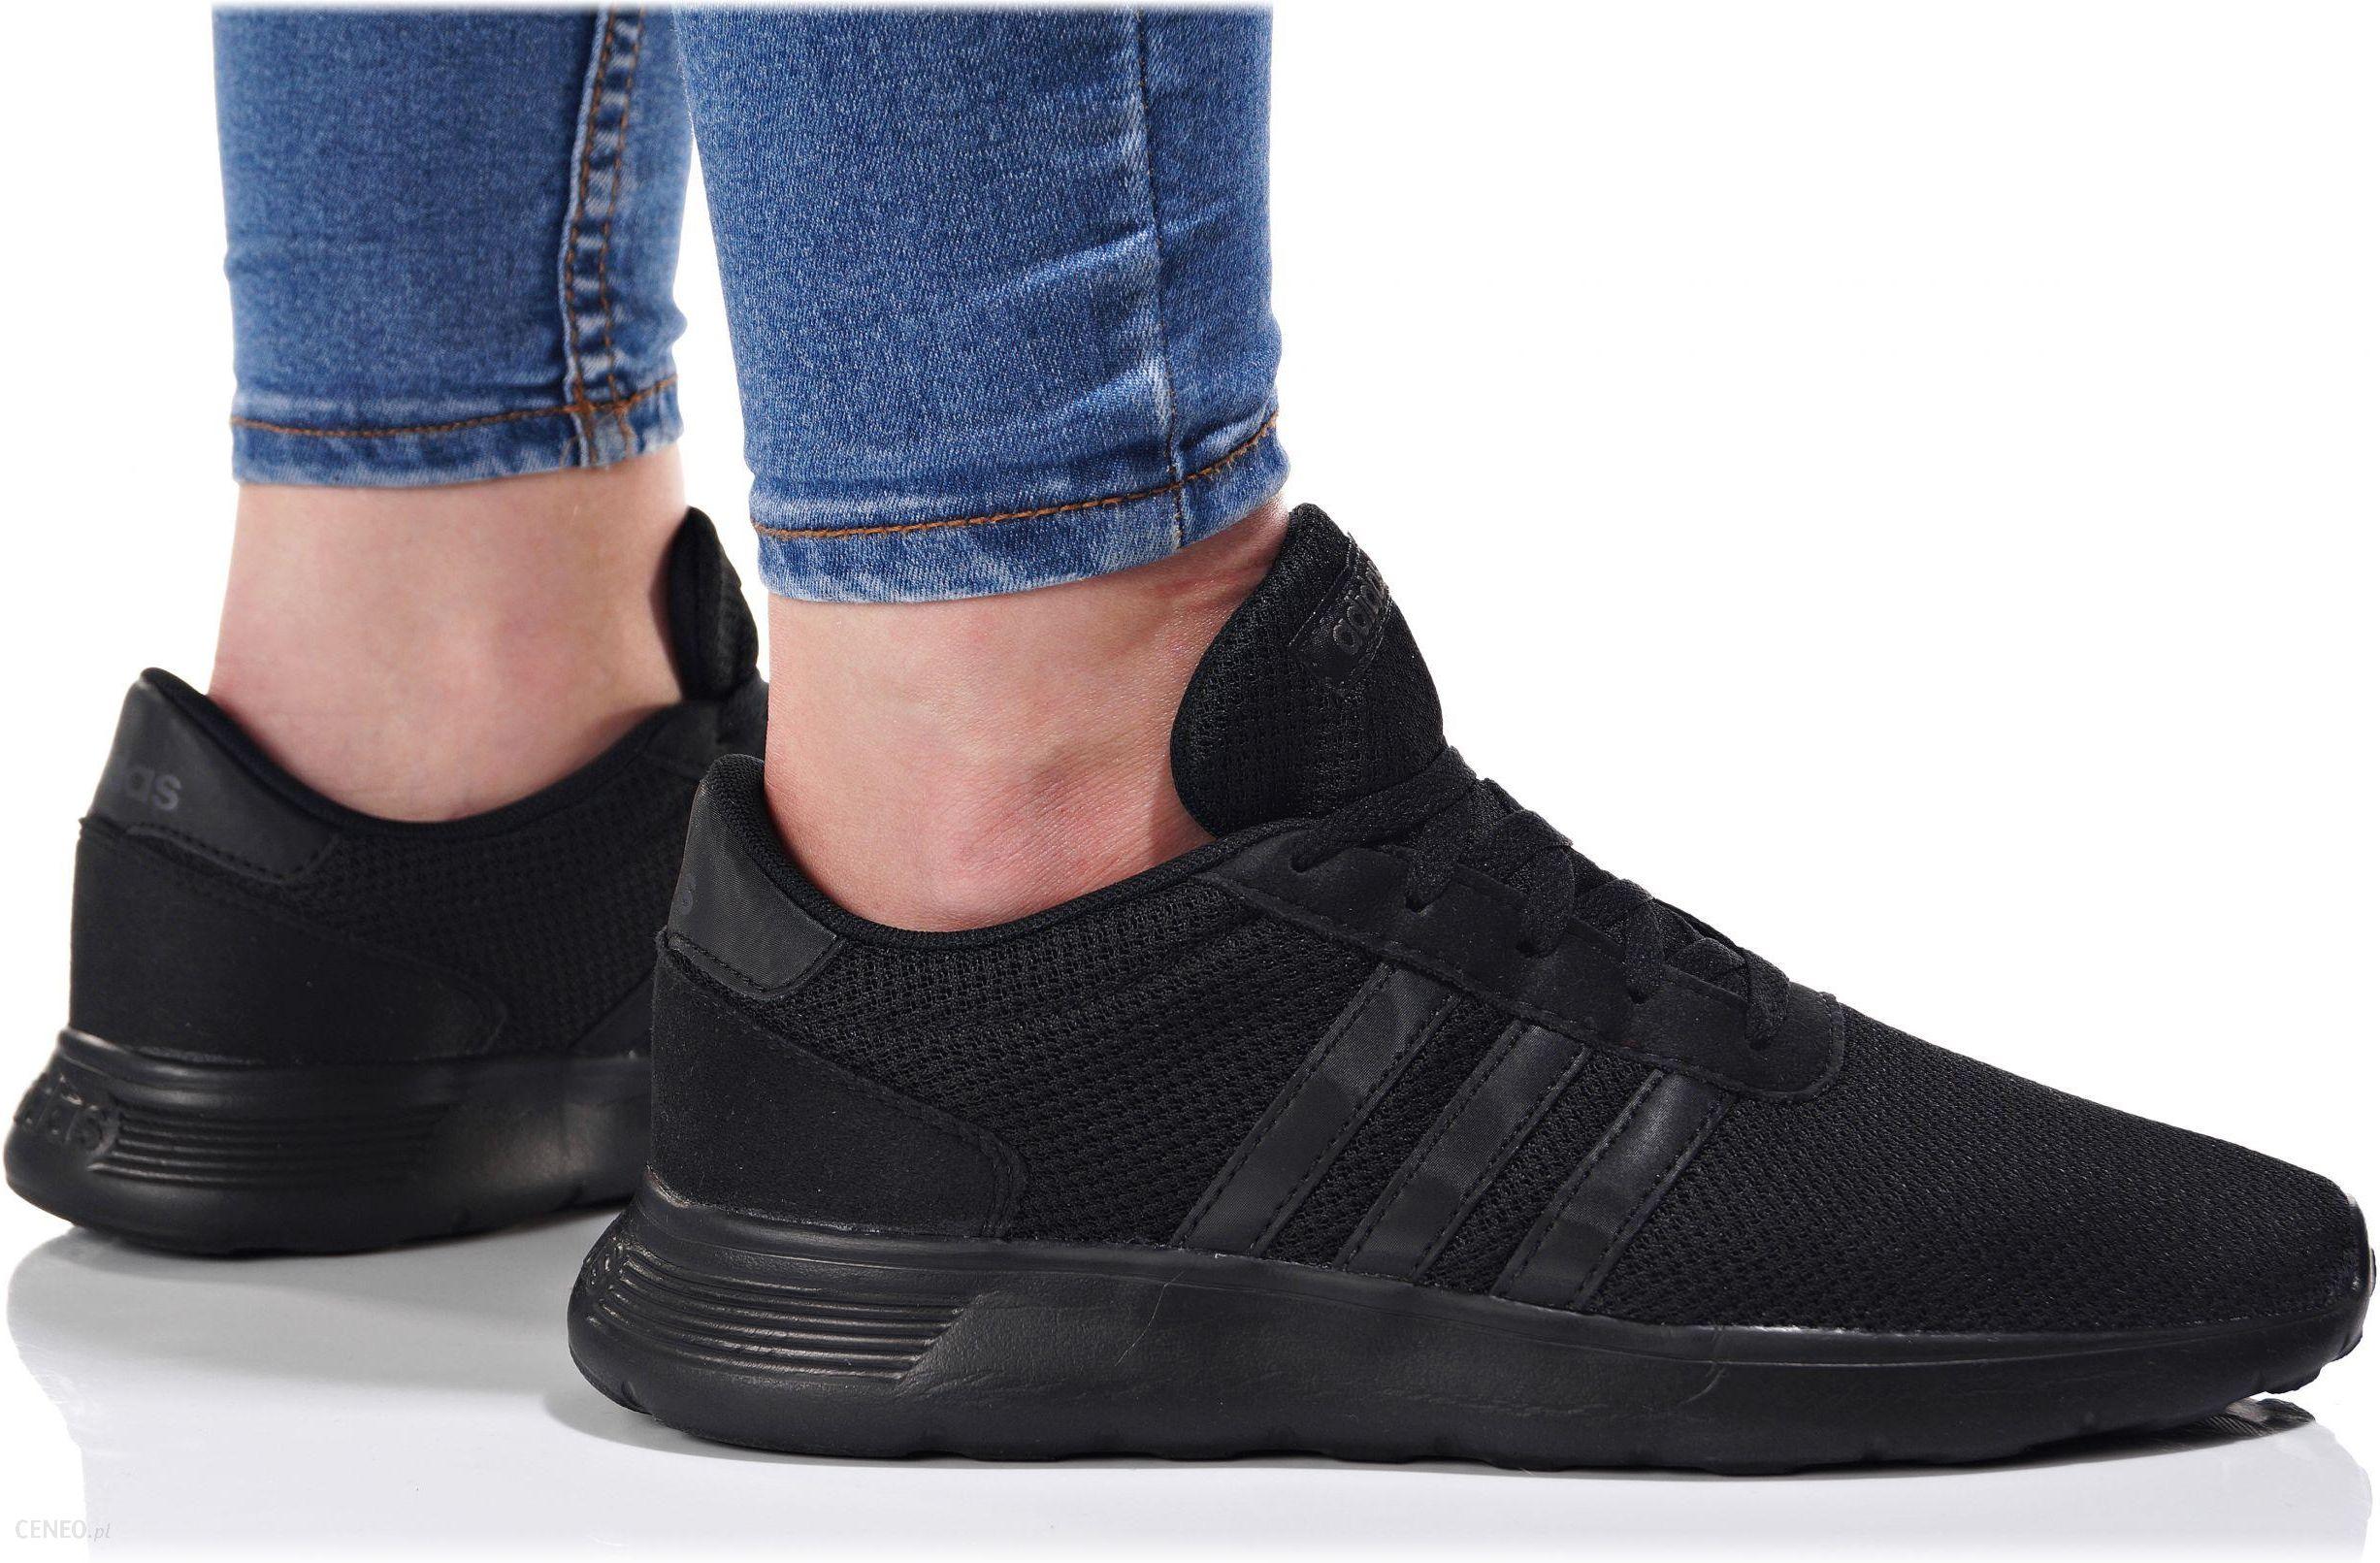 buty damskie adidas lite racer czarne